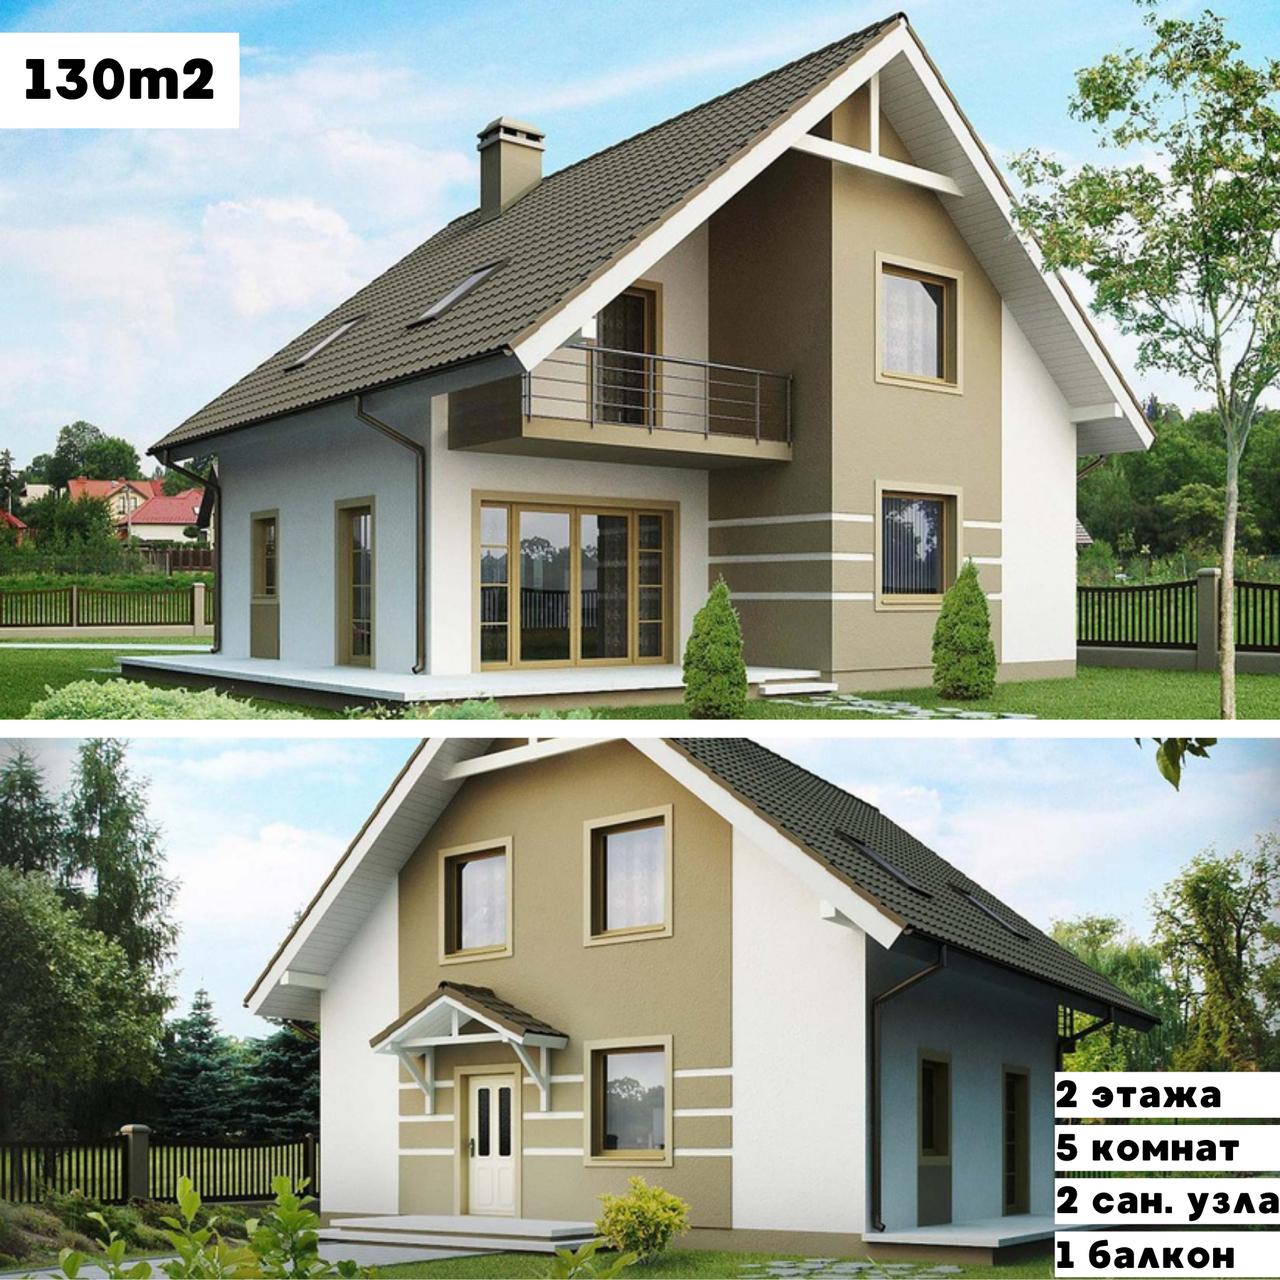 Коттедж модульный двухэтажный 130m2